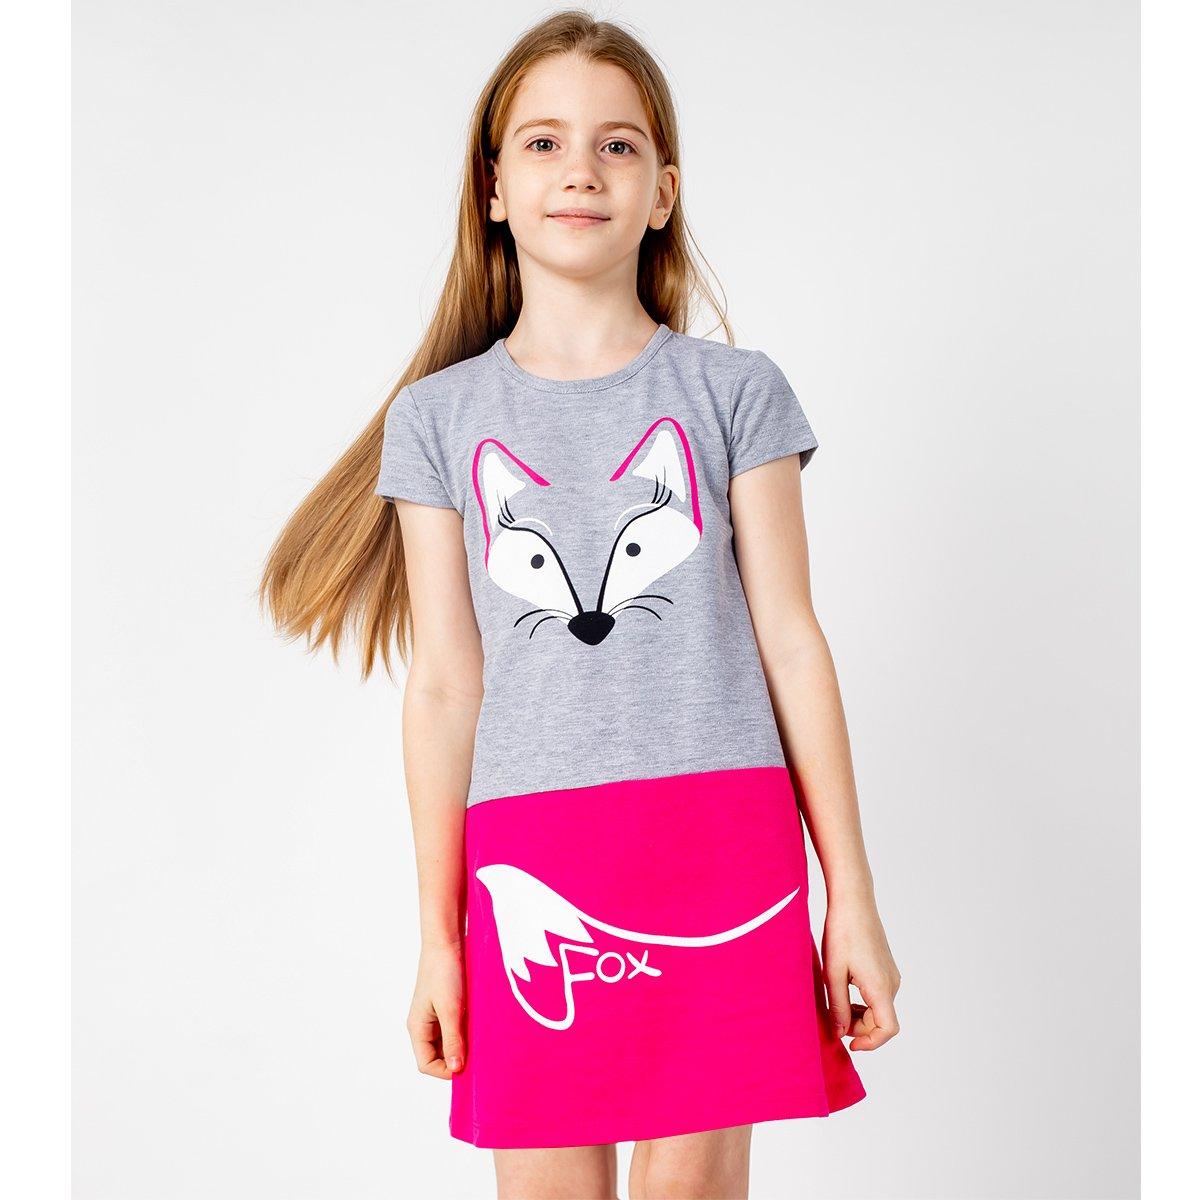 Купить 924/3п ап, Платье детское Юлла, цв. серый р. 110, Платья для девочек